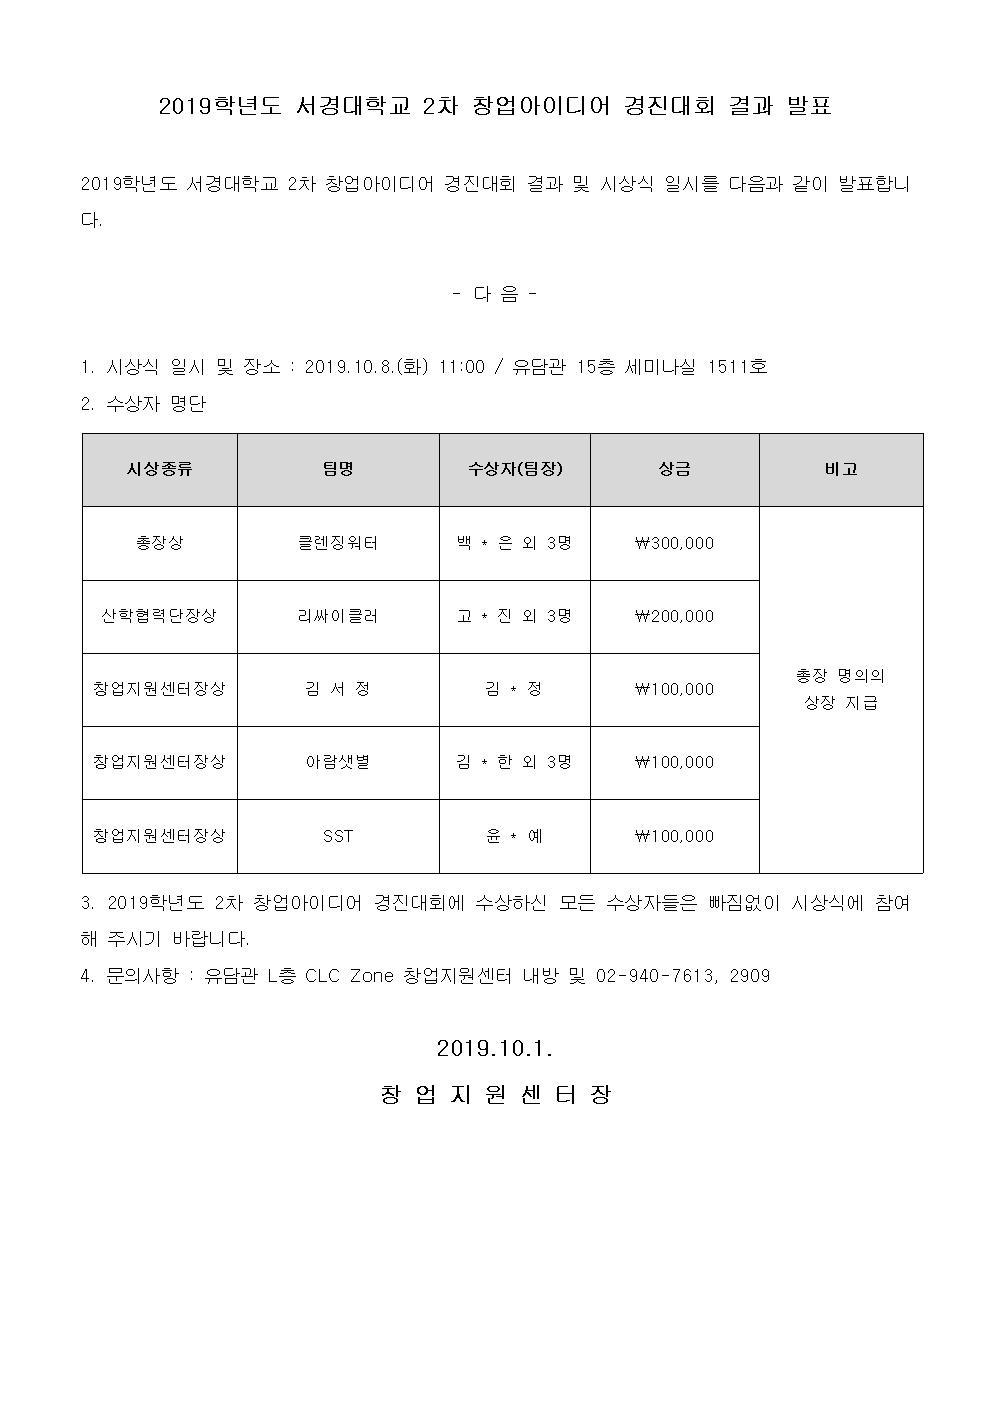 2019학년도 서경대학교 2차 창업아이디어 경진대회 결과 발표.jpg